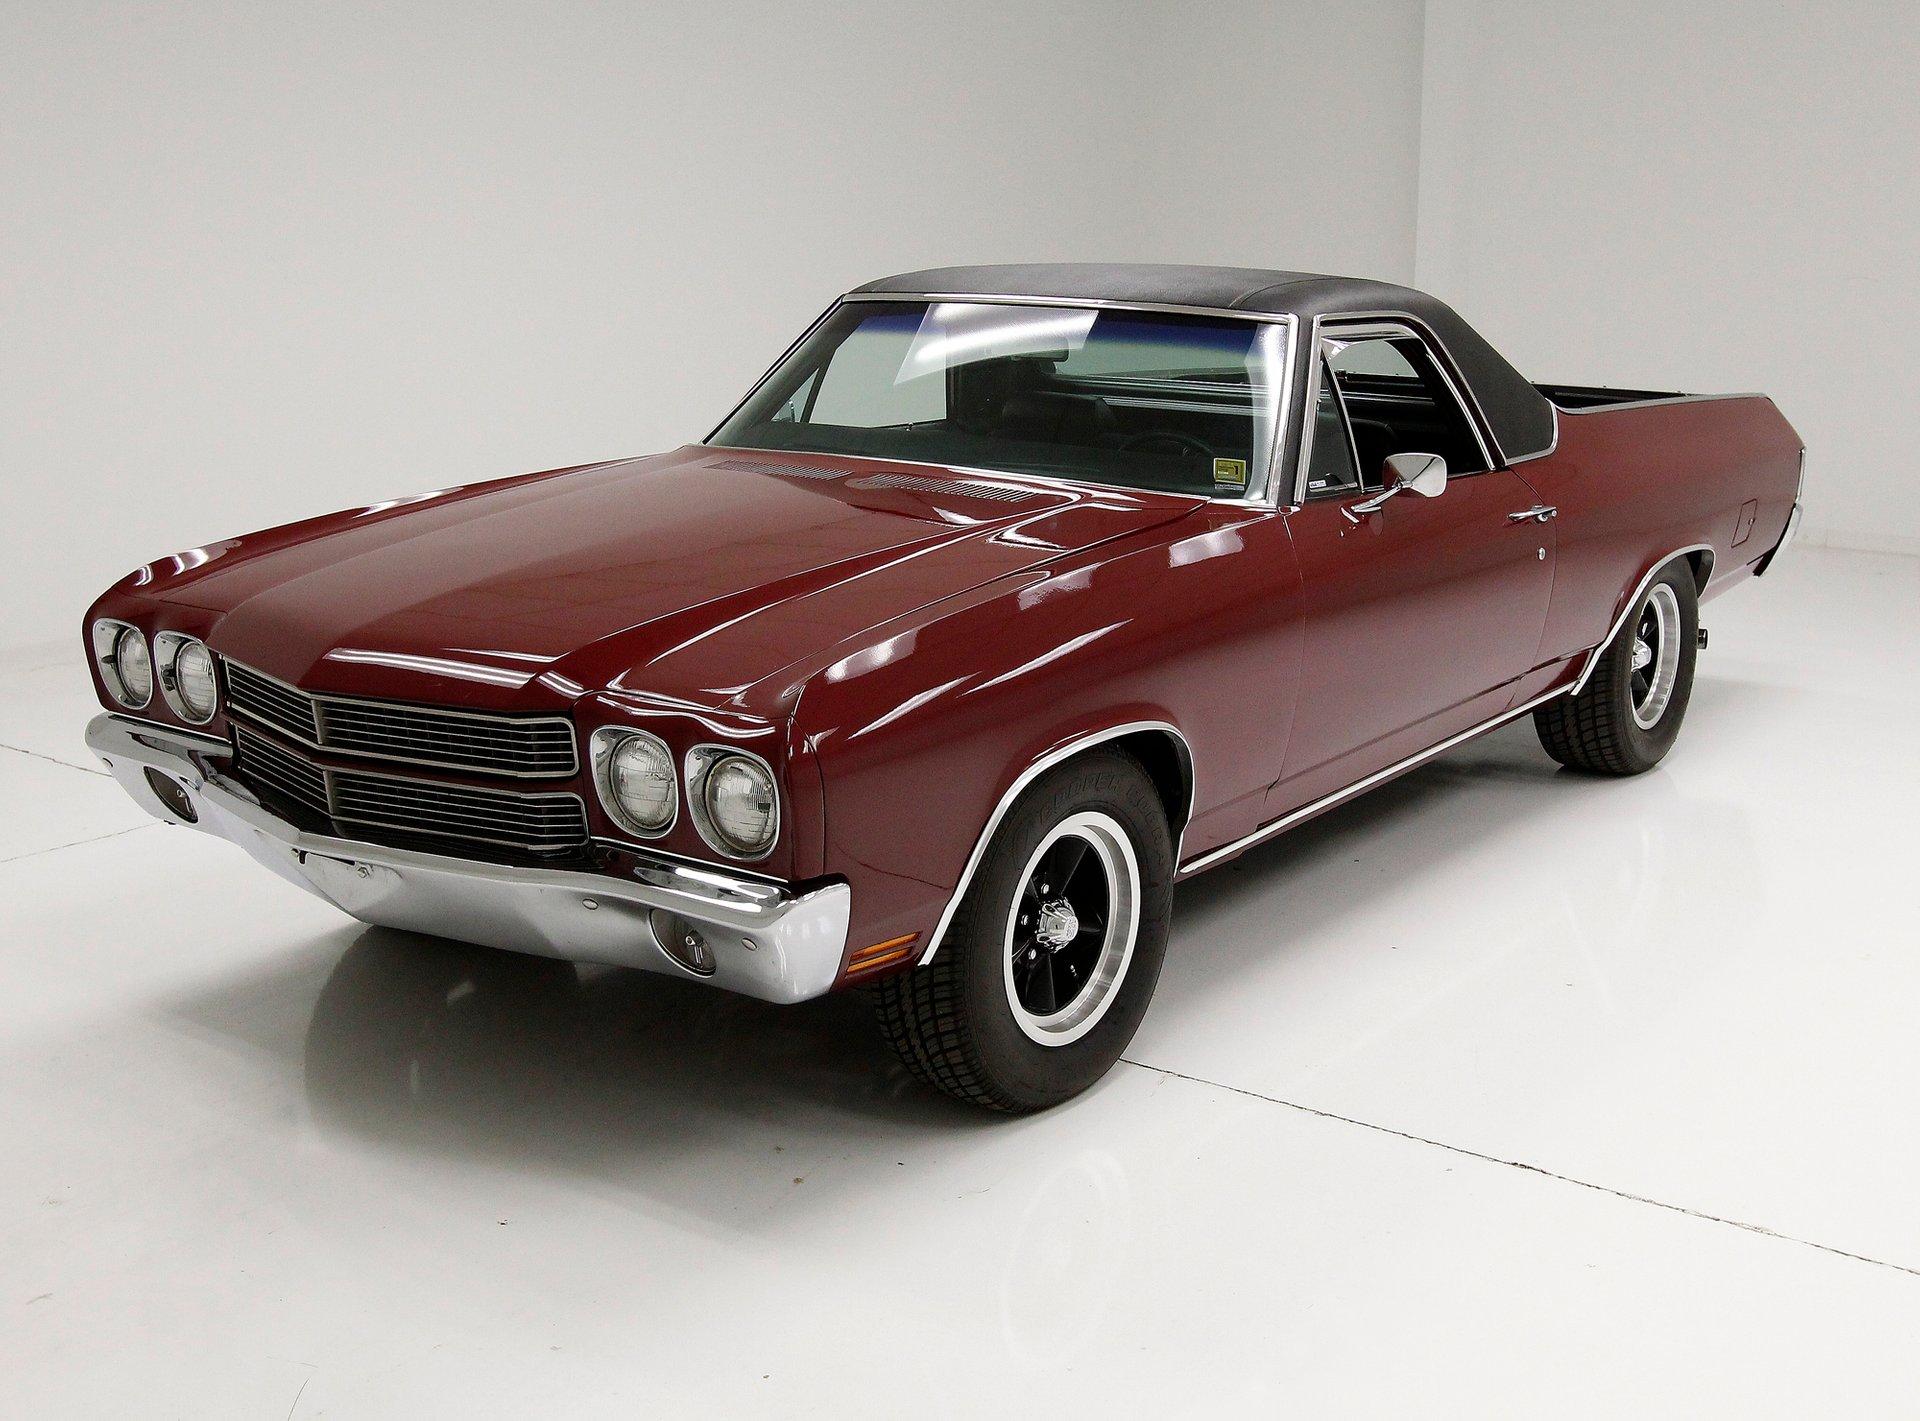 1970 Chevrolet El Camino | Classic Auto Mall